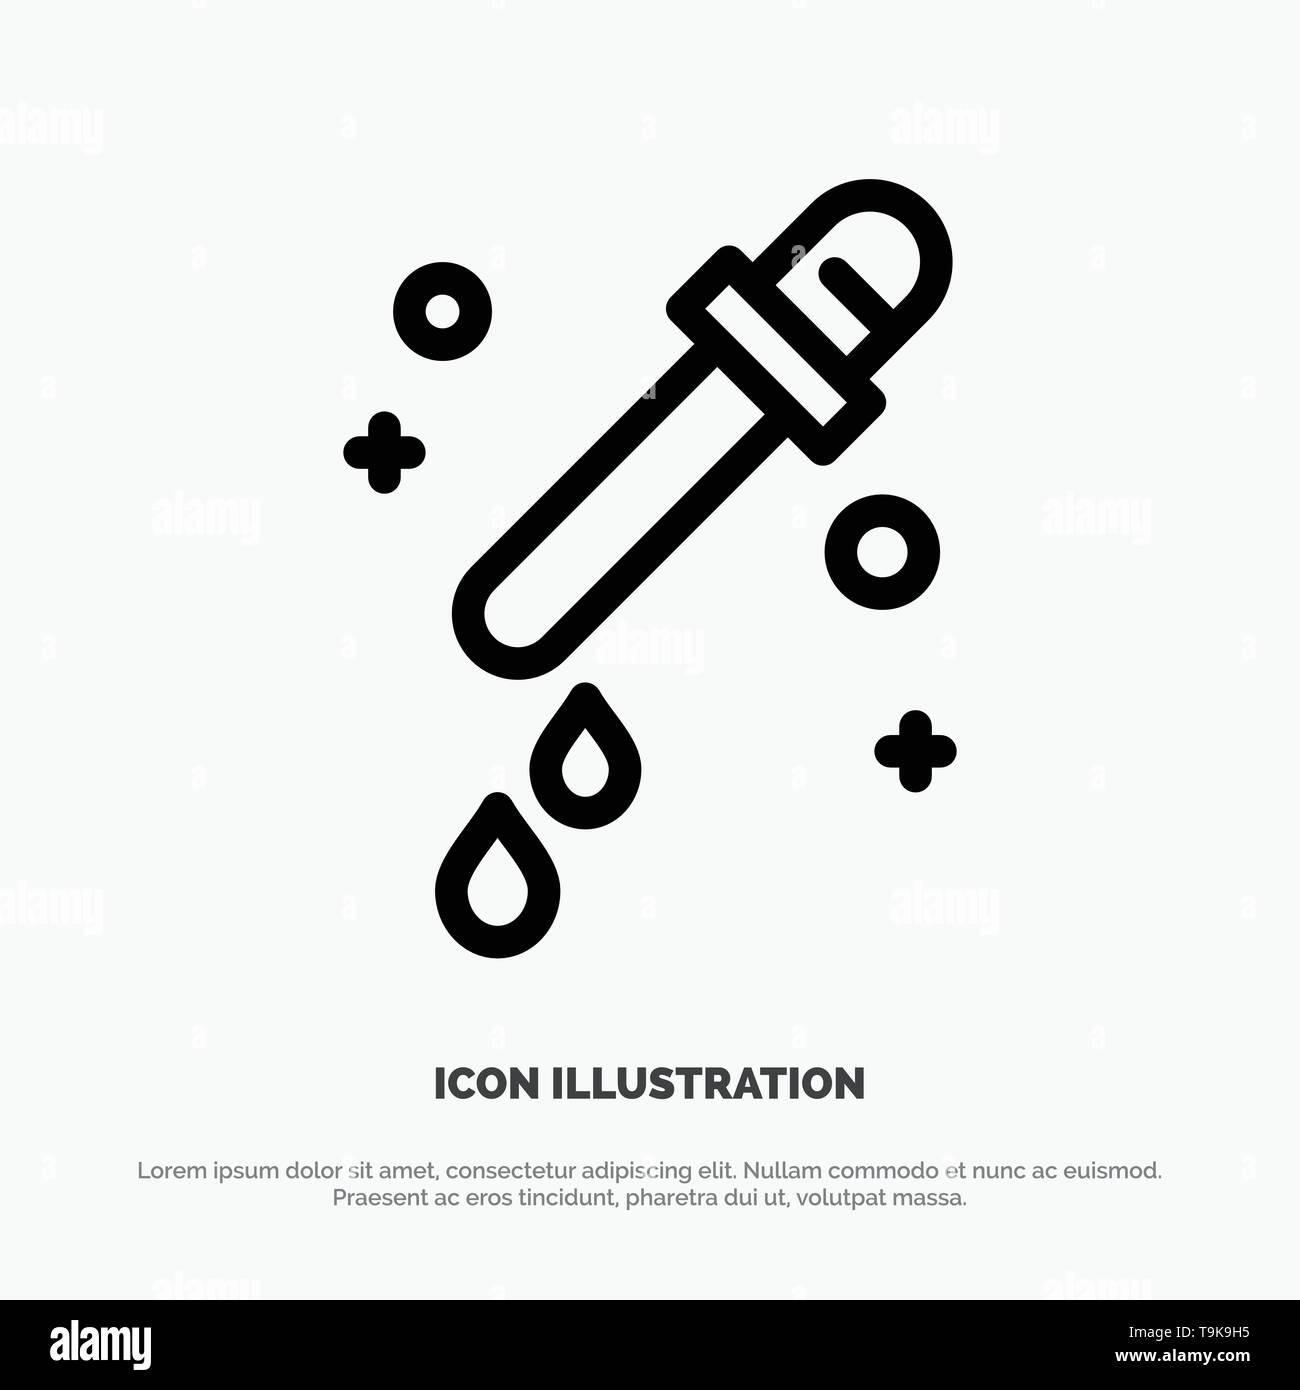 Dropper, Pipette, Science Line Icon Vector - Stock Image